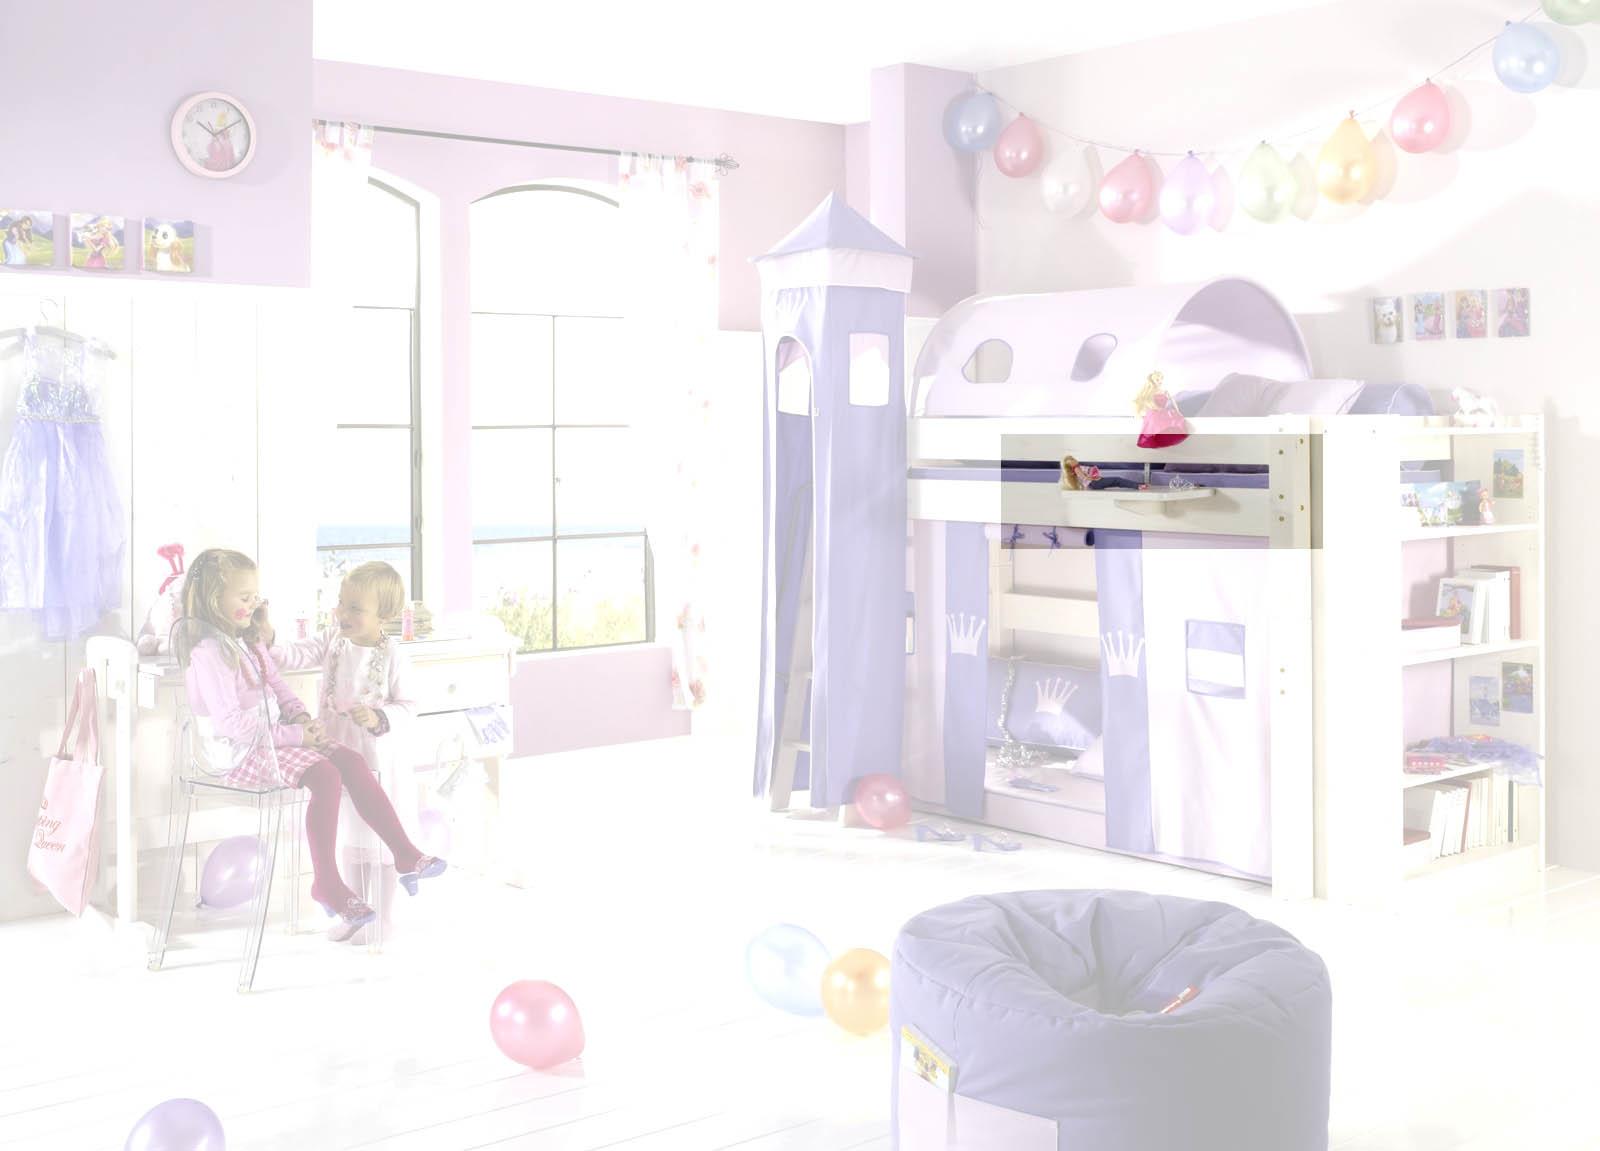 Dolphin Kinderzimmer Halbhochbett Lavendeltraum, Bild 7